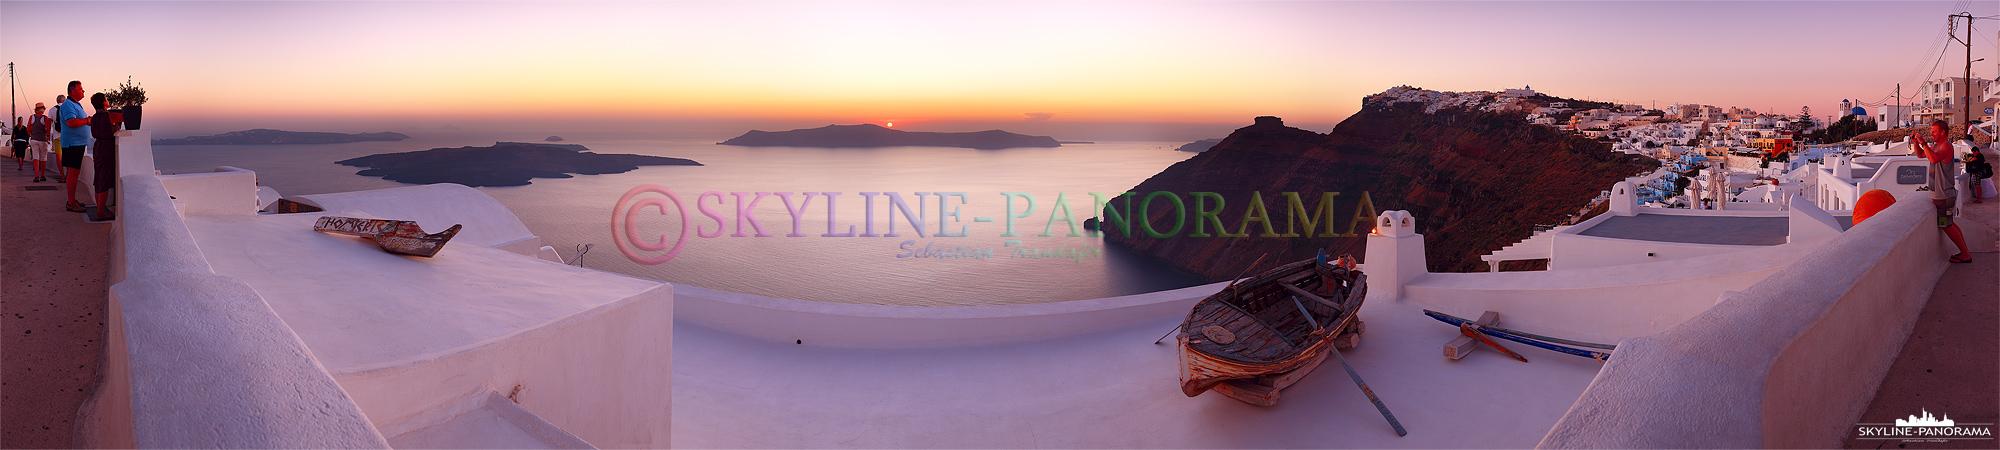 Das Boot im Vordergrund gehört zu den beliebtesten Motiven auf Santorini. Das Panorama zeigt den Blick mit den Fischerboot zum Sonnenuntergang in Firostefani.